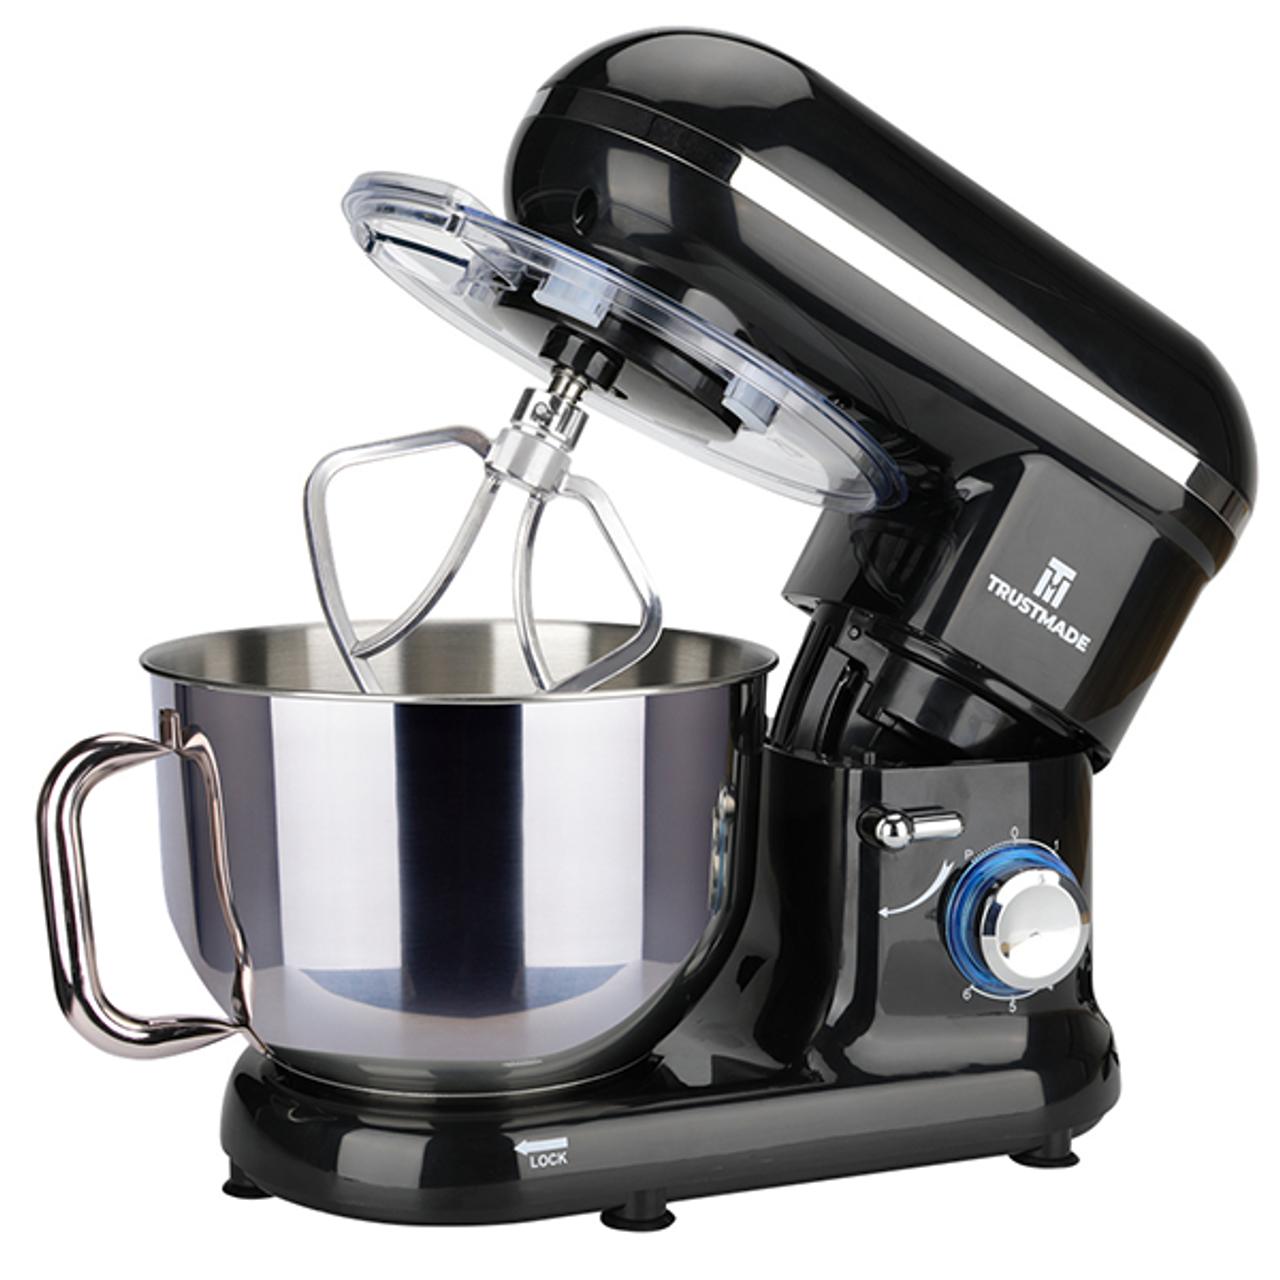 5.8-Quart 6-Speed Kitchen Stand Mixer $79.99 (50% OFF)